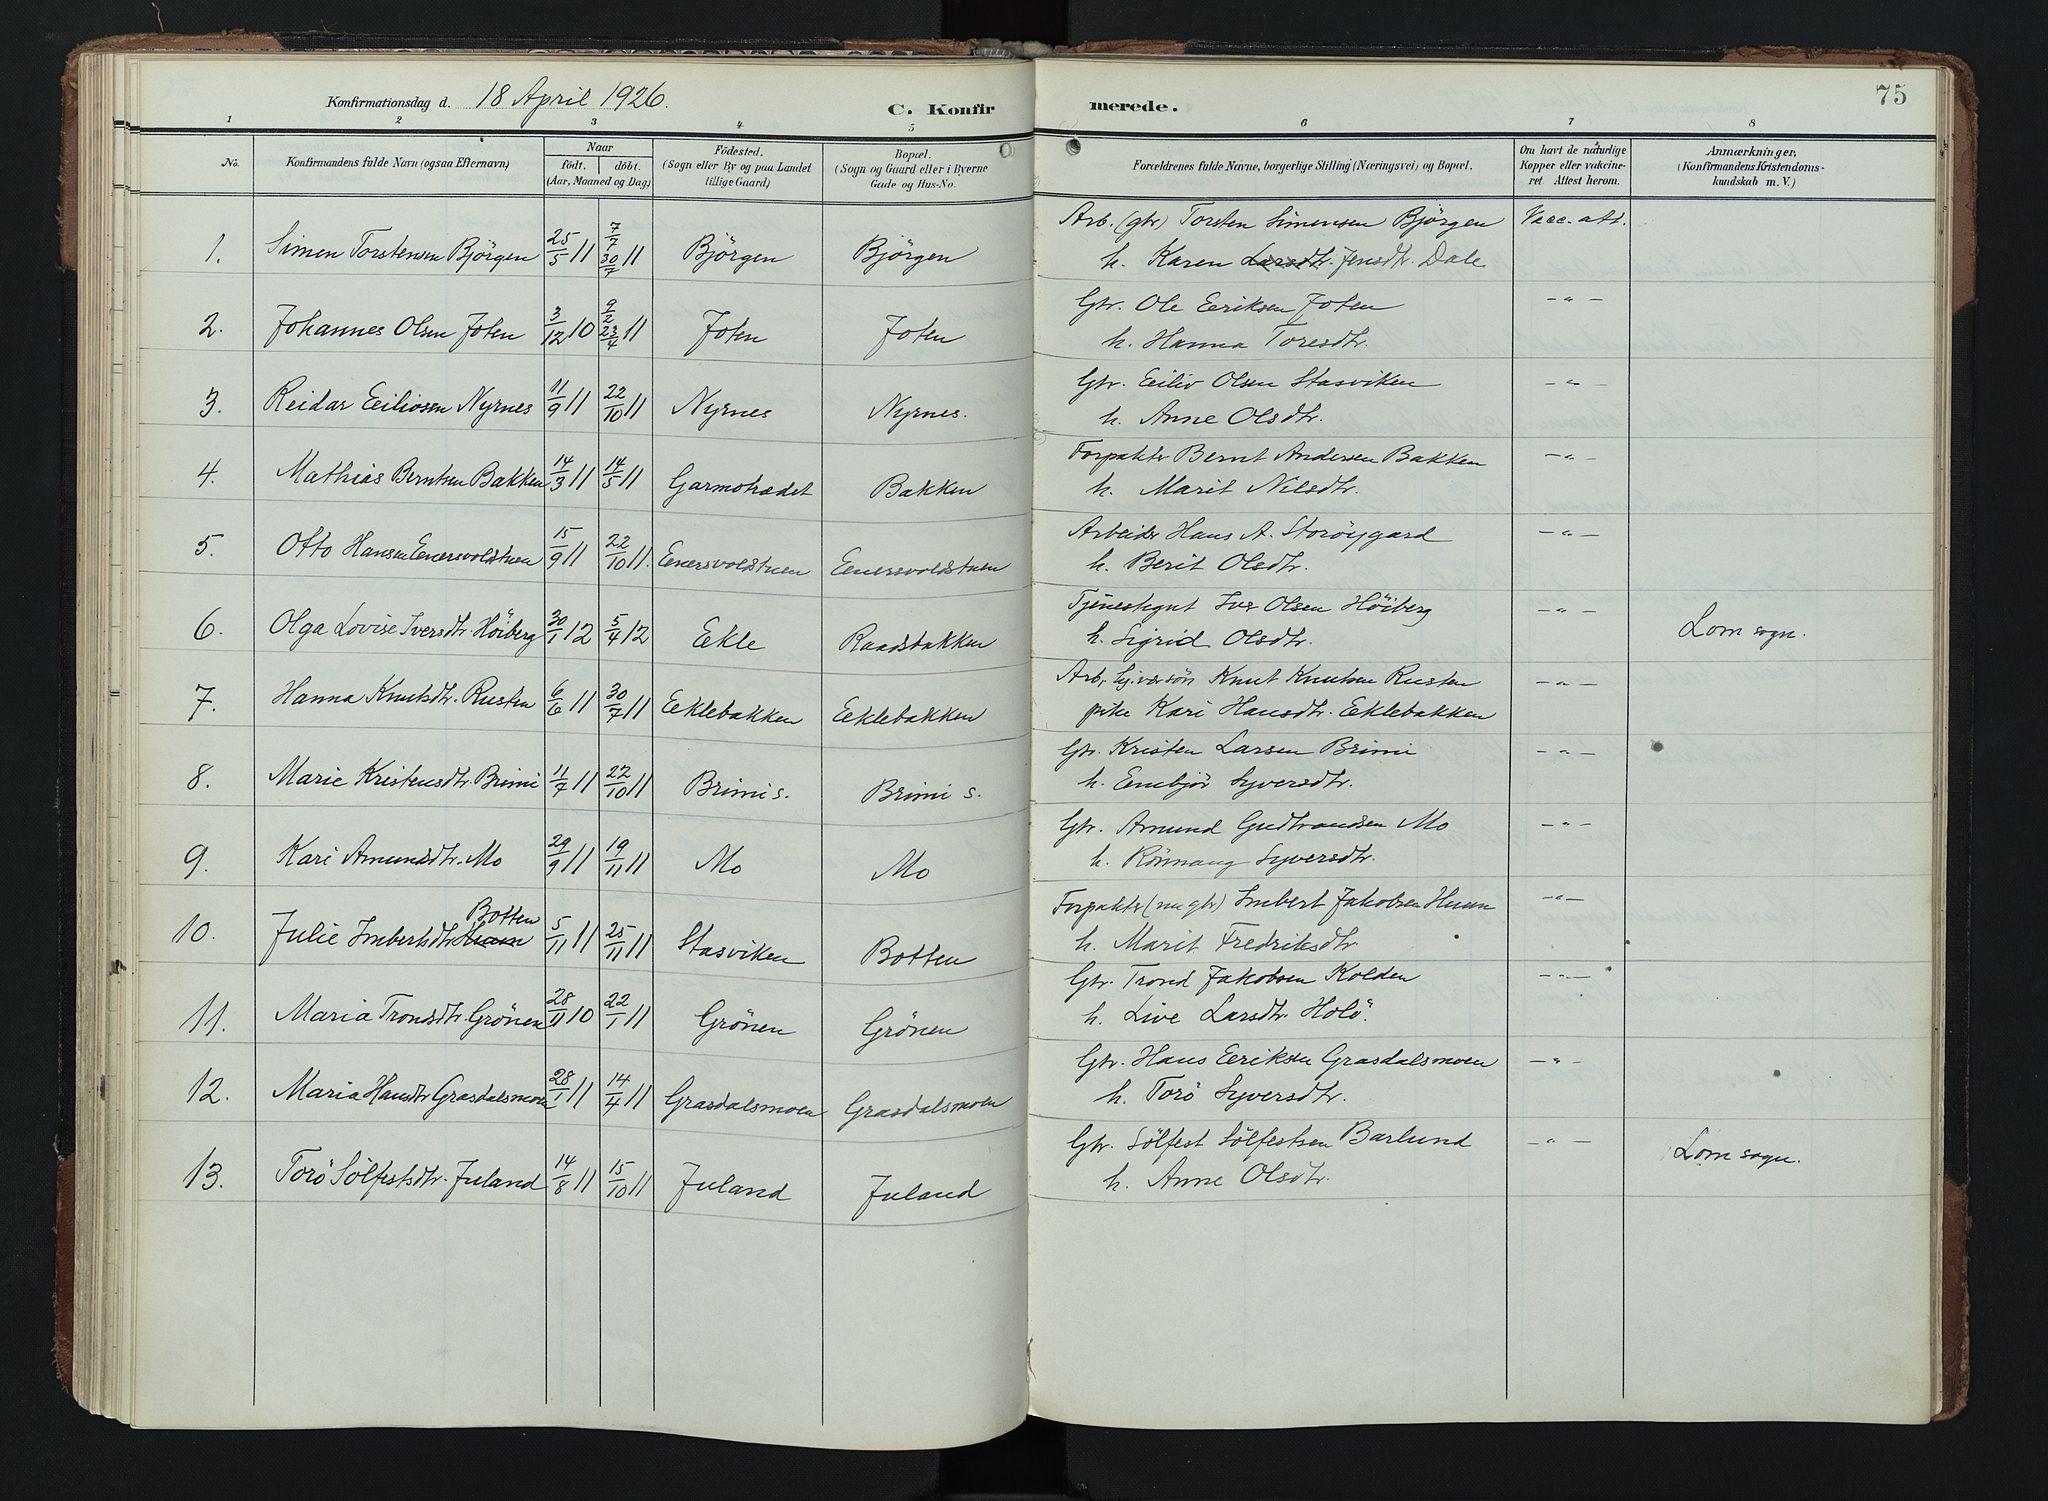 SAH, Lom prestekontor, K/L0011: Ministerialbok nr. 11, 1904-1928, s. 75